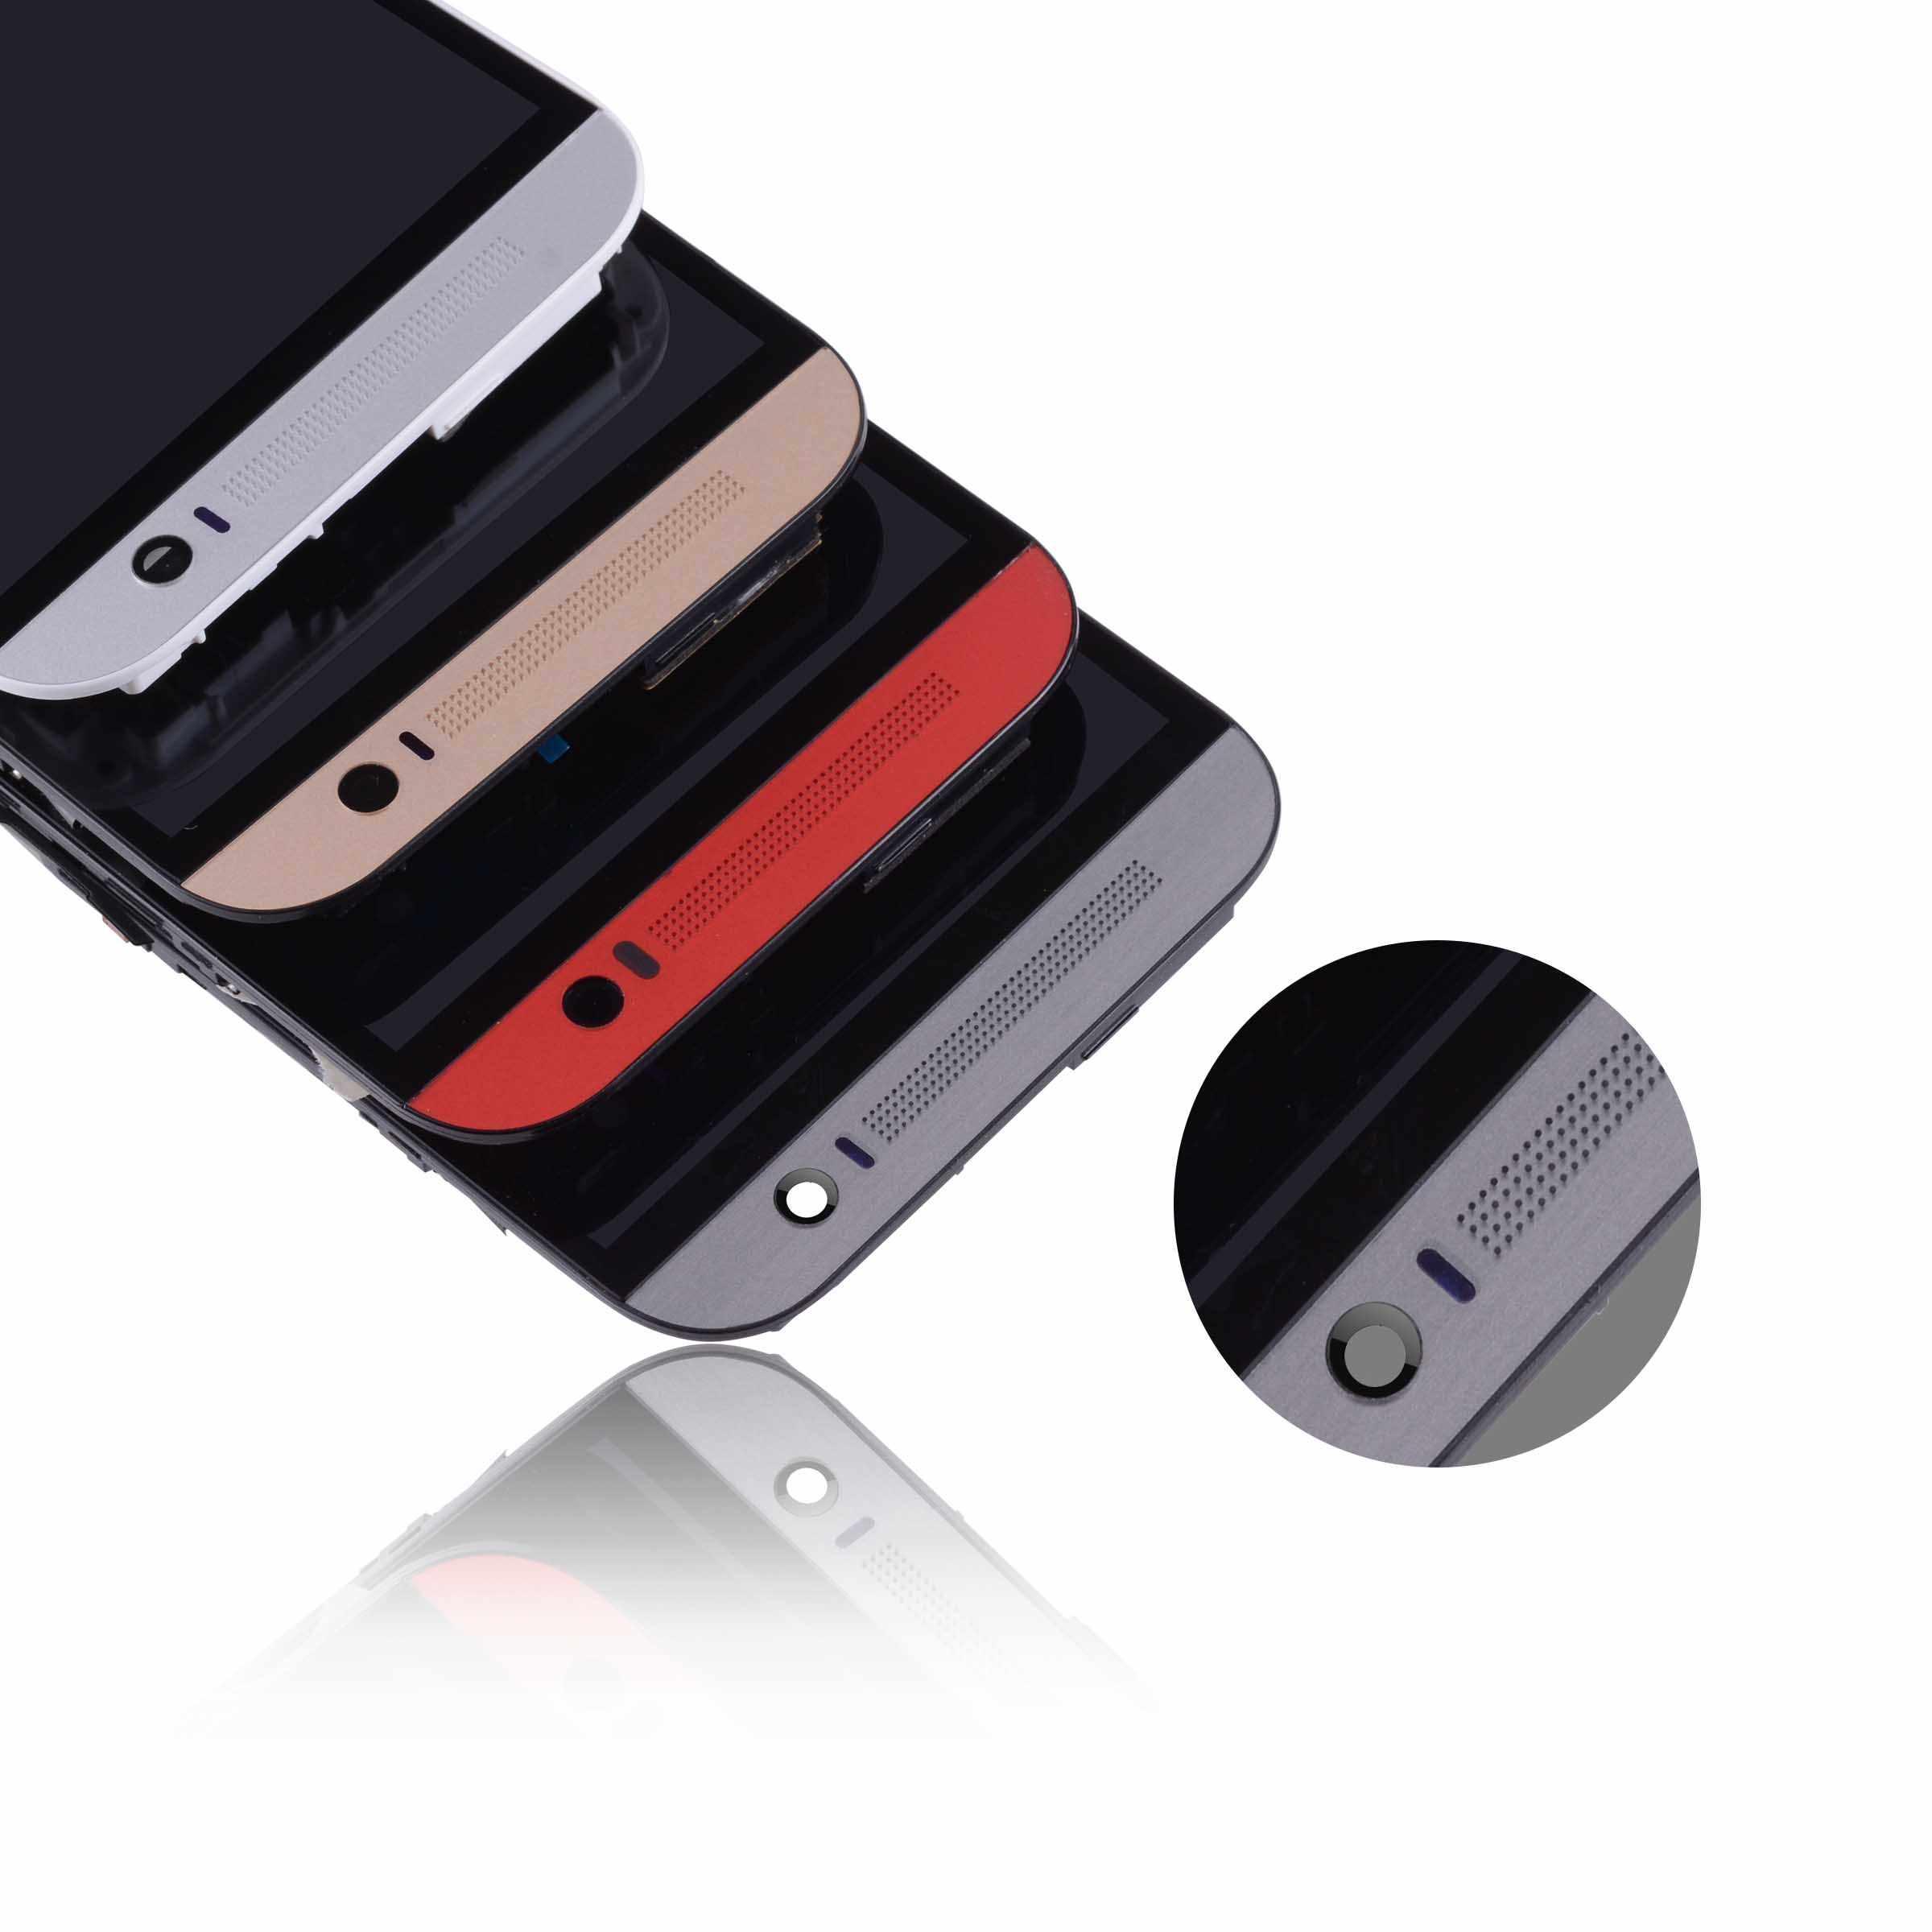 5.0 بوصة شاشة الكريستال السائل مع الإطار ل HTC واحد M8 شاشة إل سي دي باللمس شاشة قطع غيار محول رقمي ل HTC M8 LCD شاشة 831C